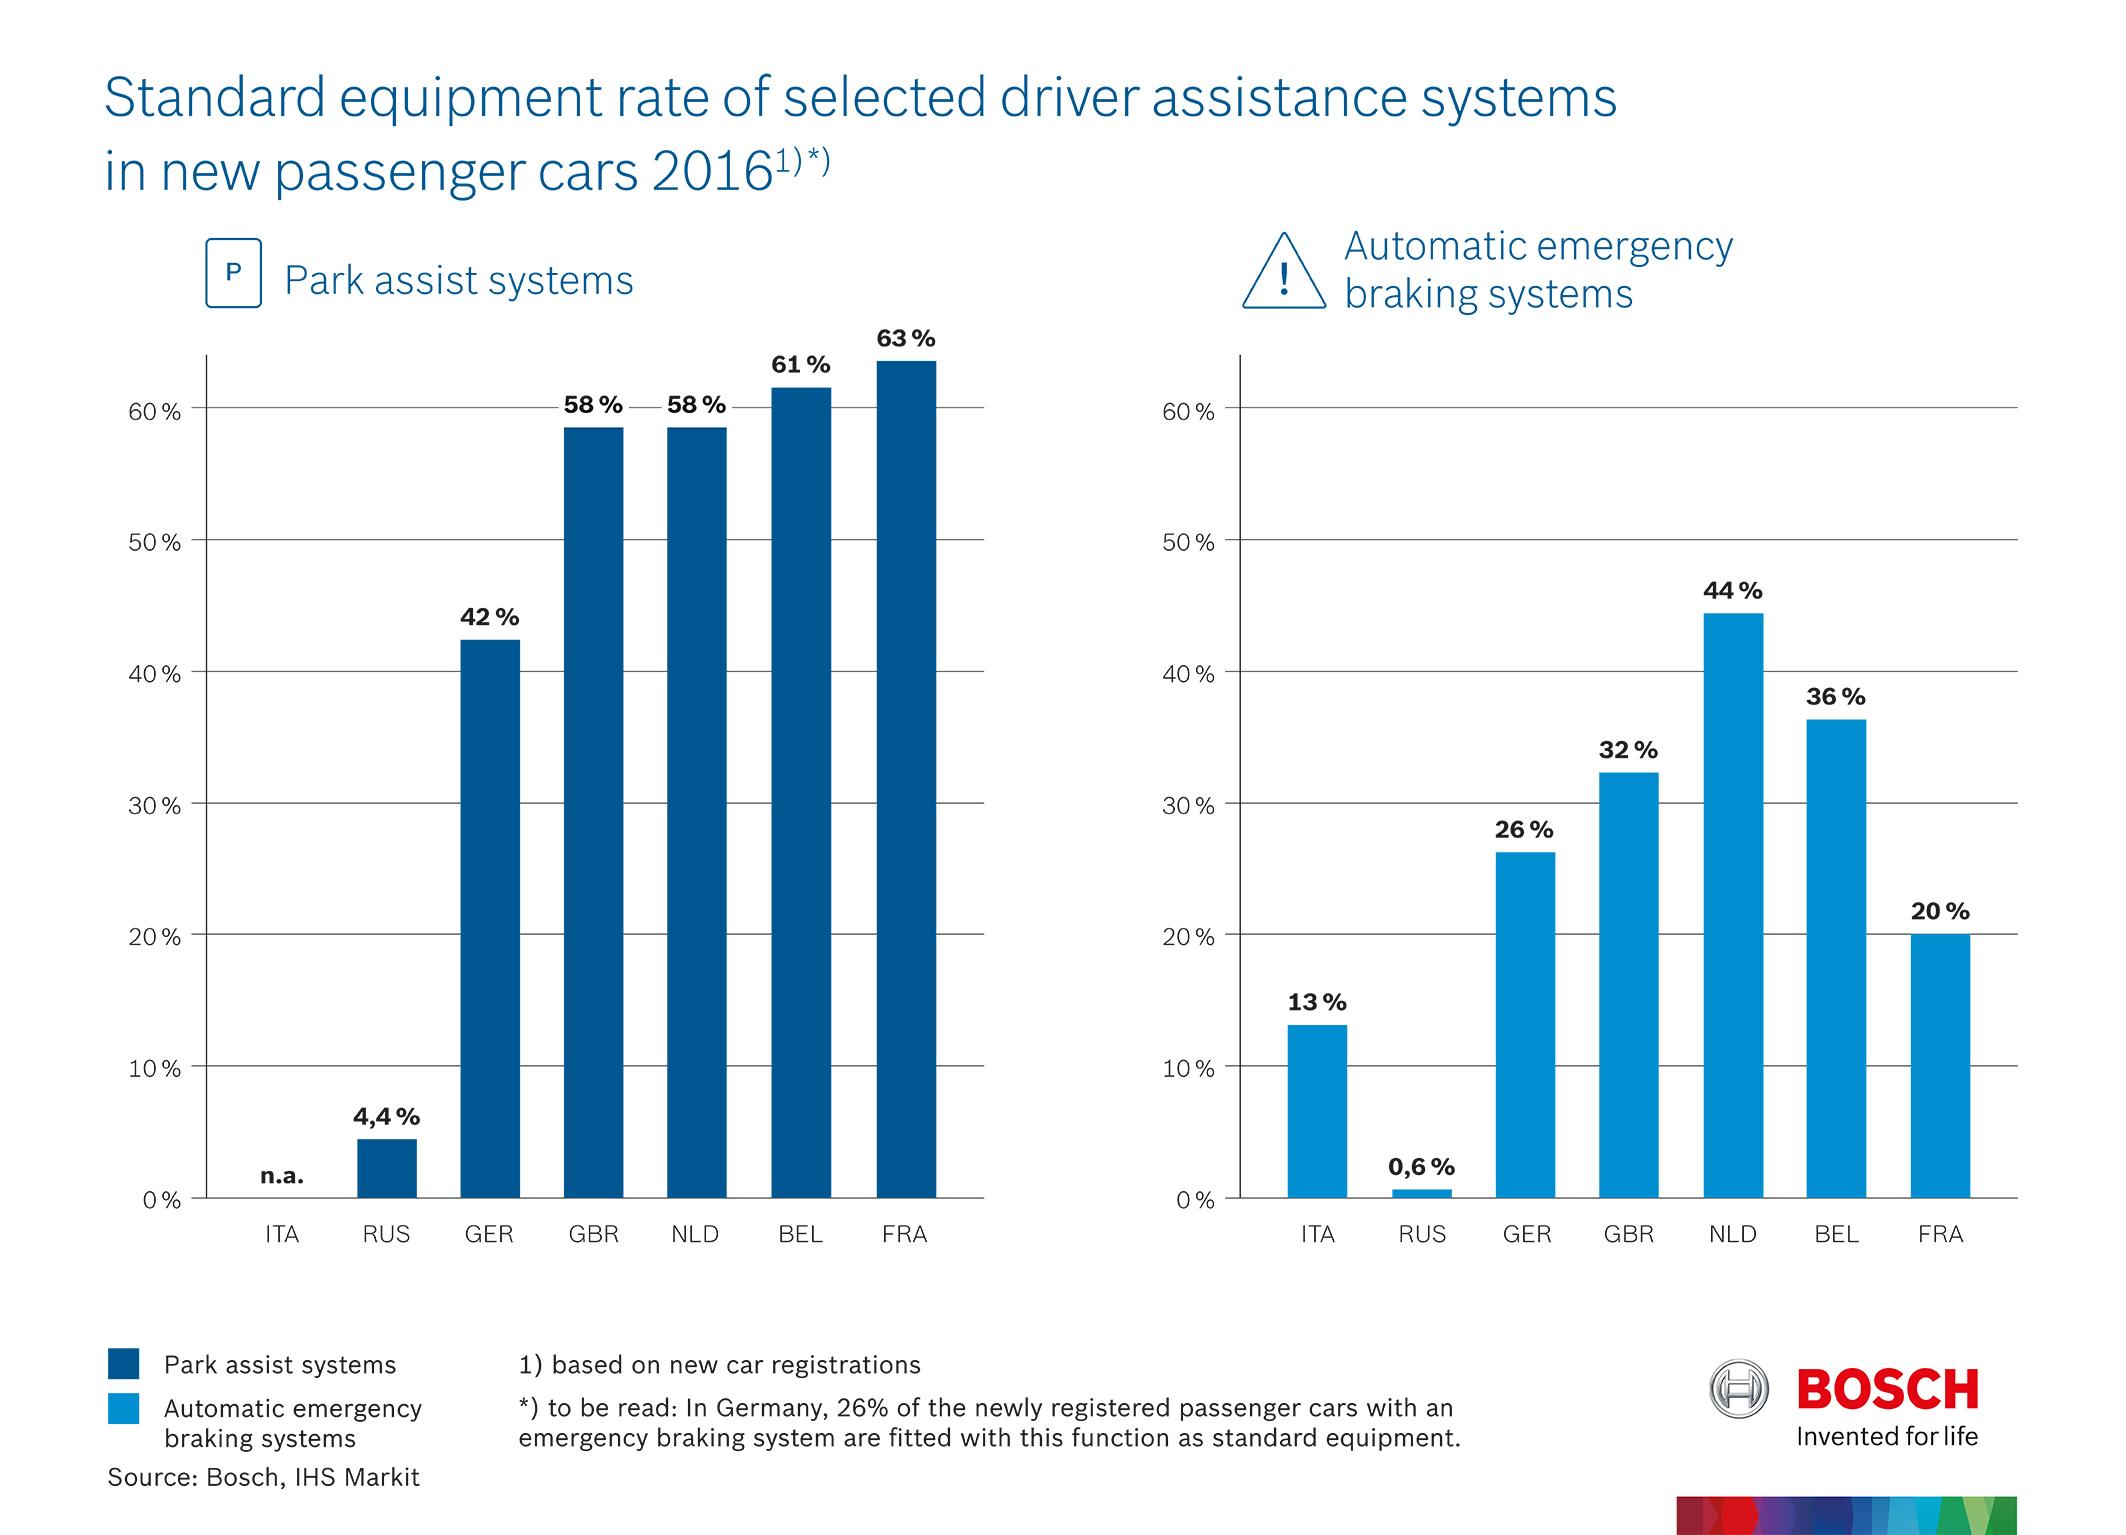 Taxa de sistemas de assistência ao condutor padrão em veículos de passeio novos, em 2016